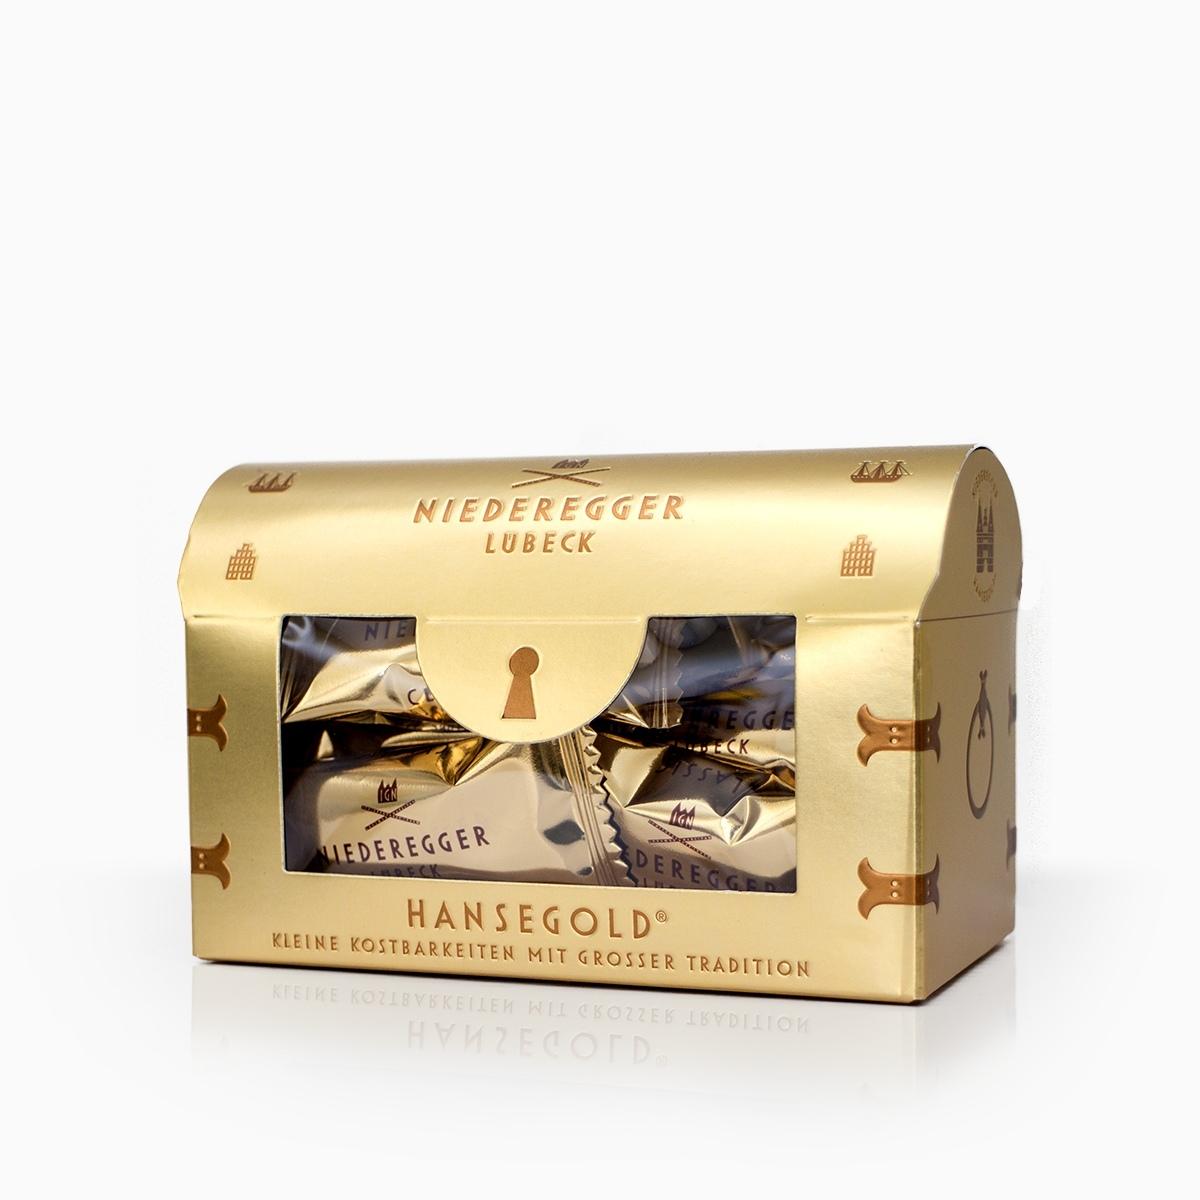 Wholesale Niederegger Niederegger Hansegold Marzipan